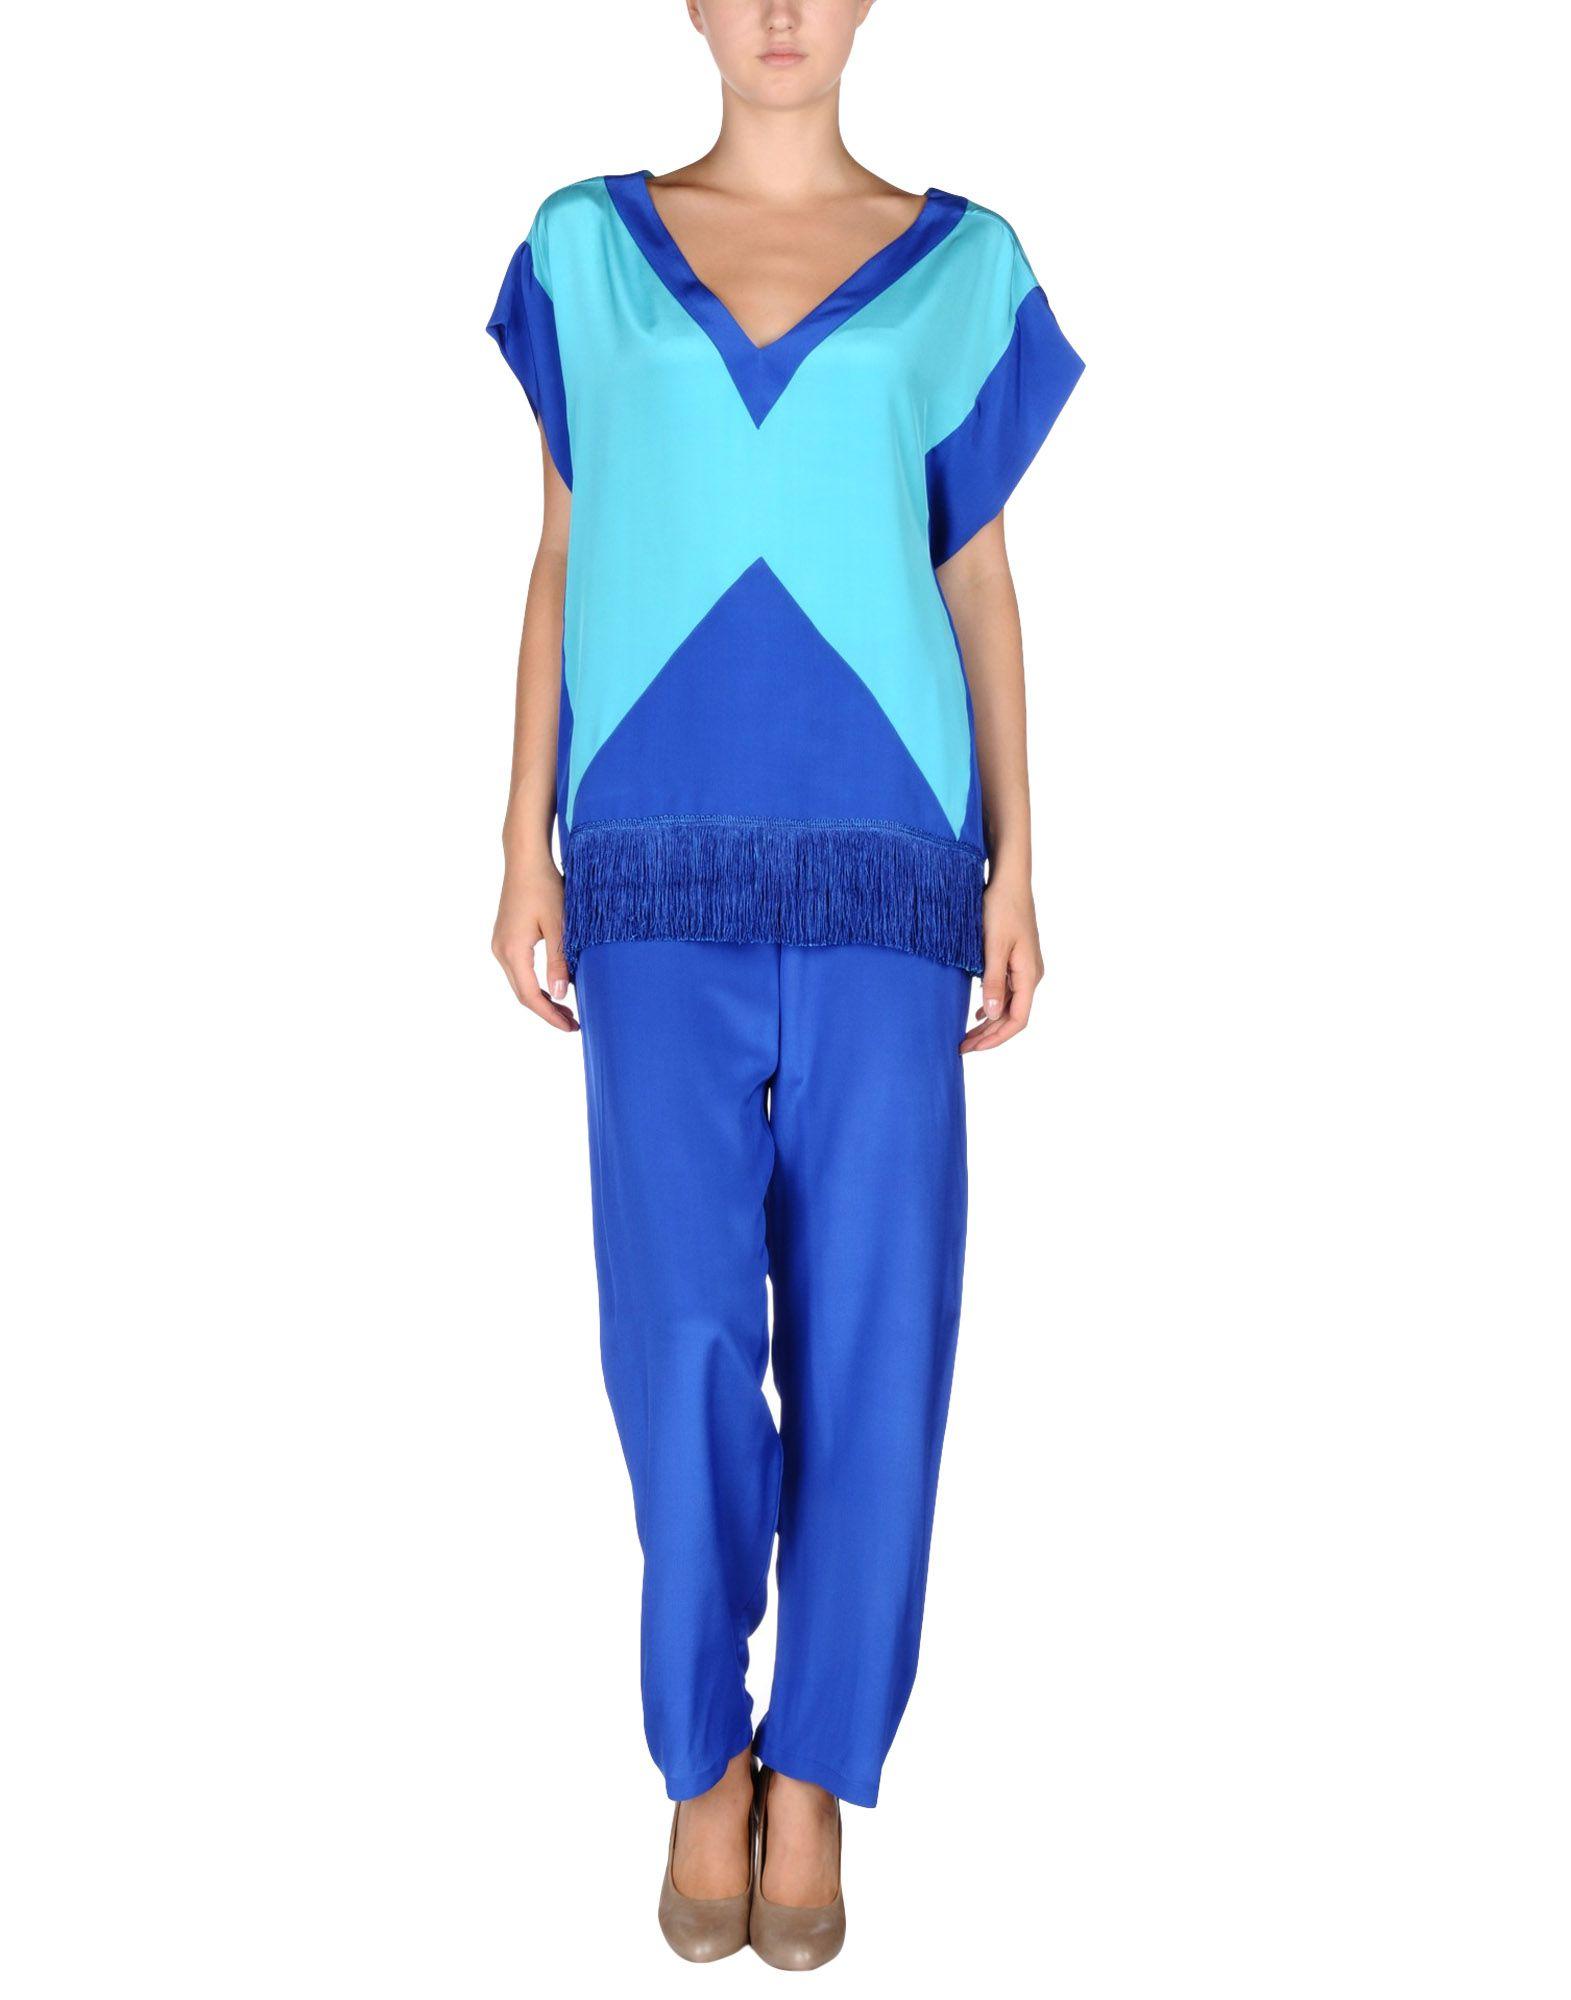 DEBONNAIRE レディース パジャマ ブルー S シルク 100%